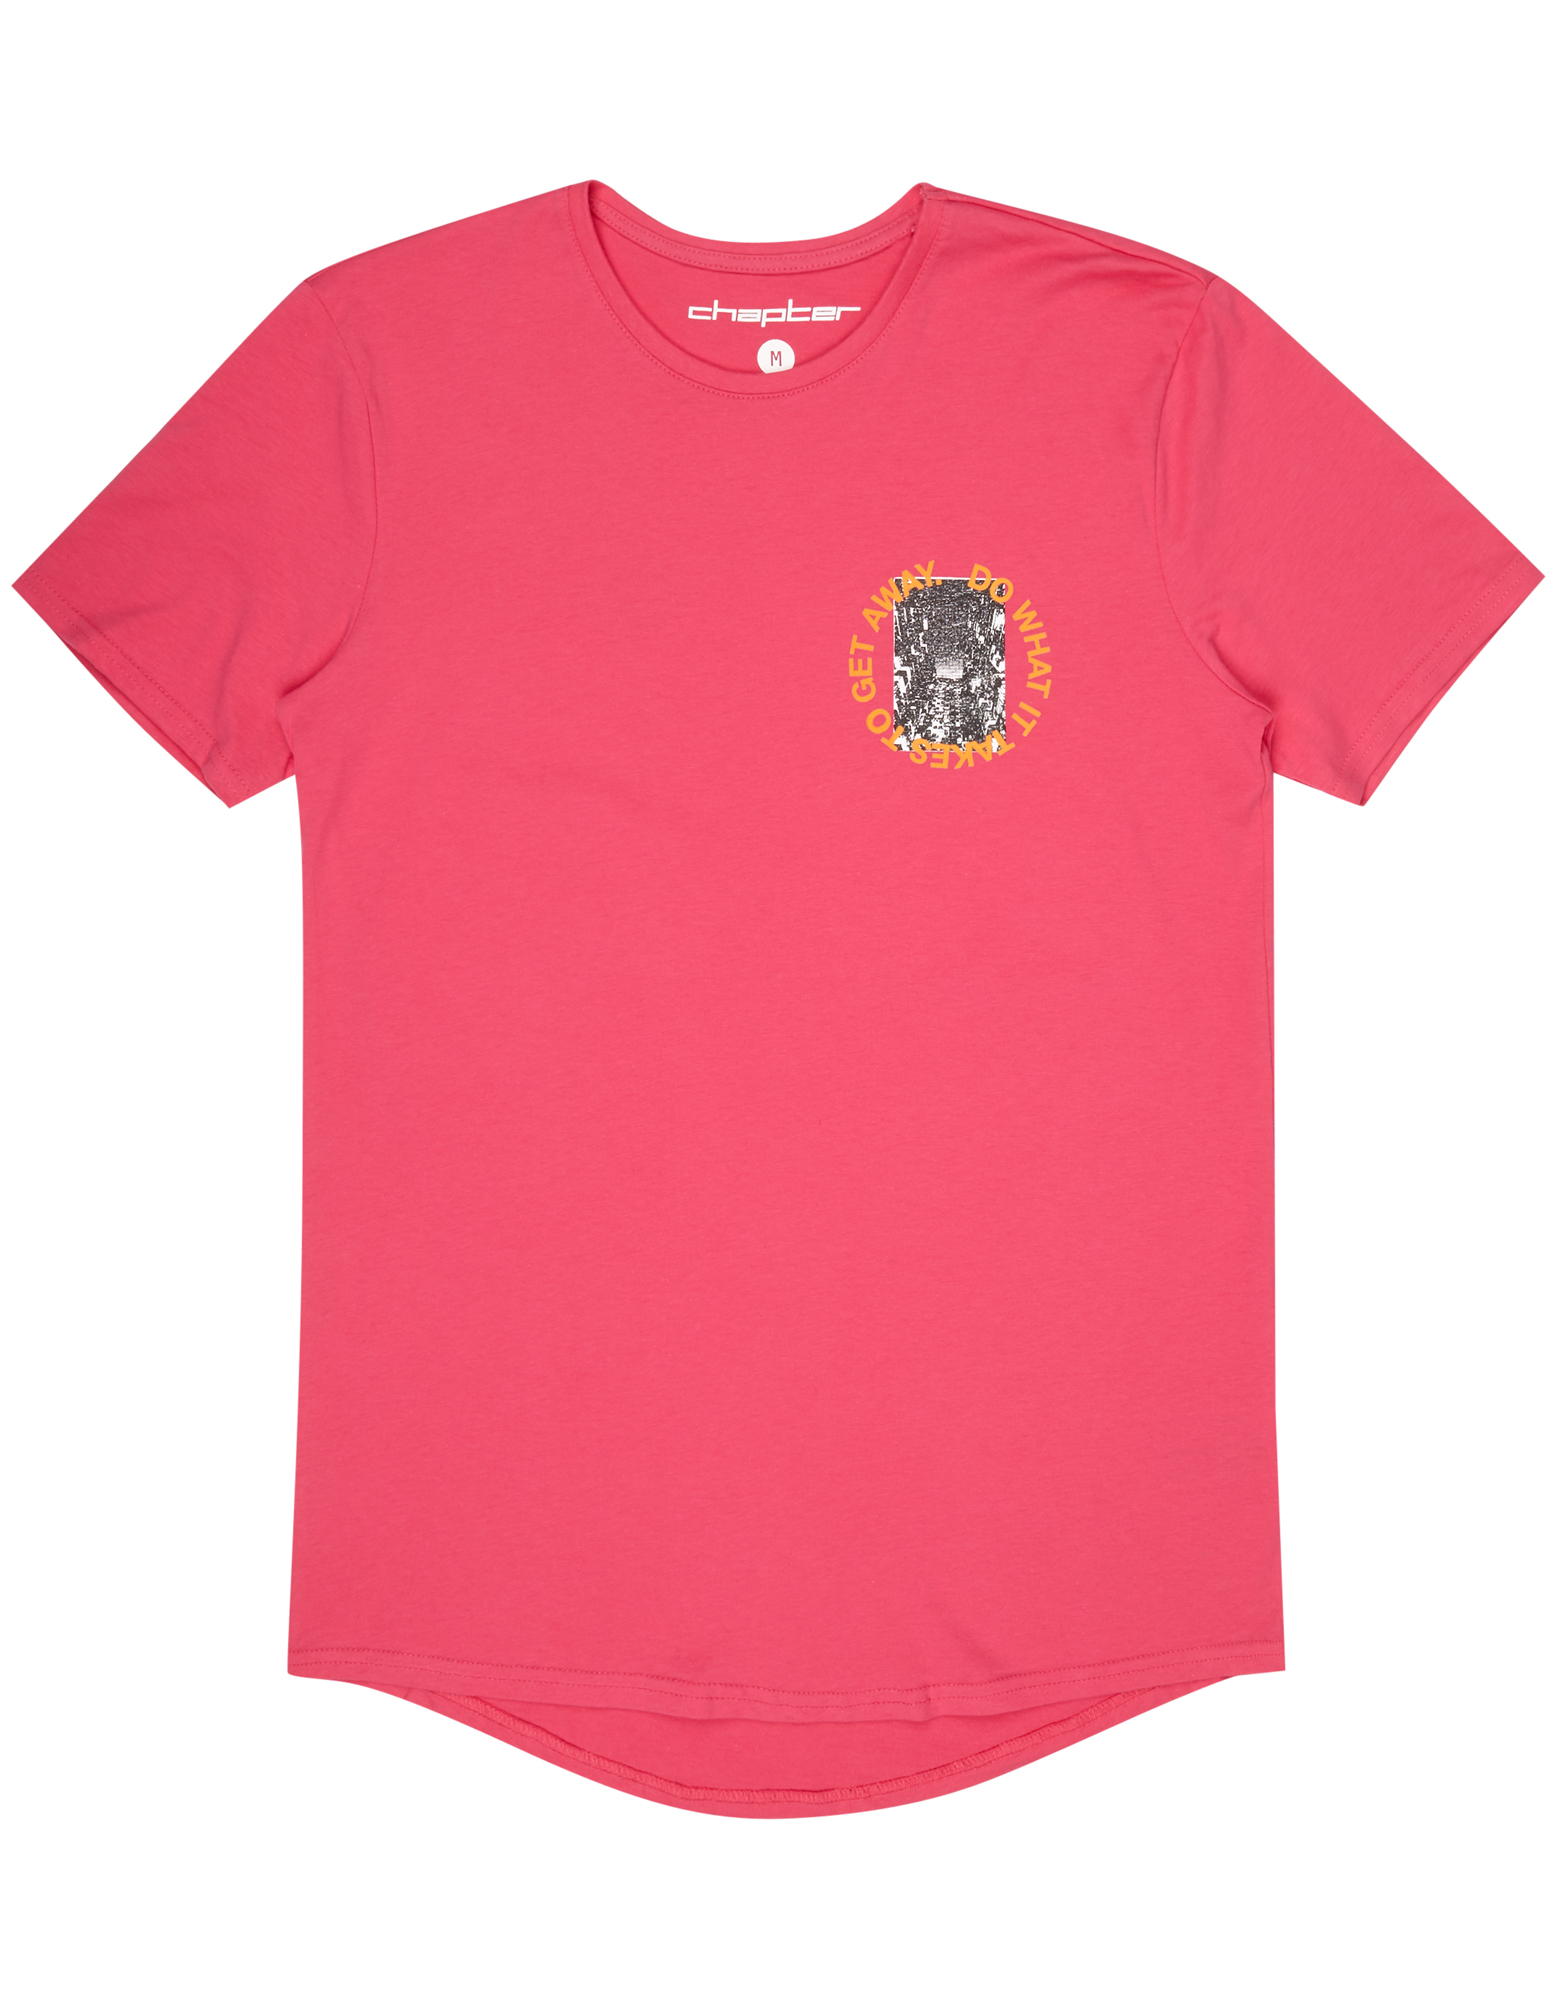 Herren T-Shirt mit Print und Message    81464824370308